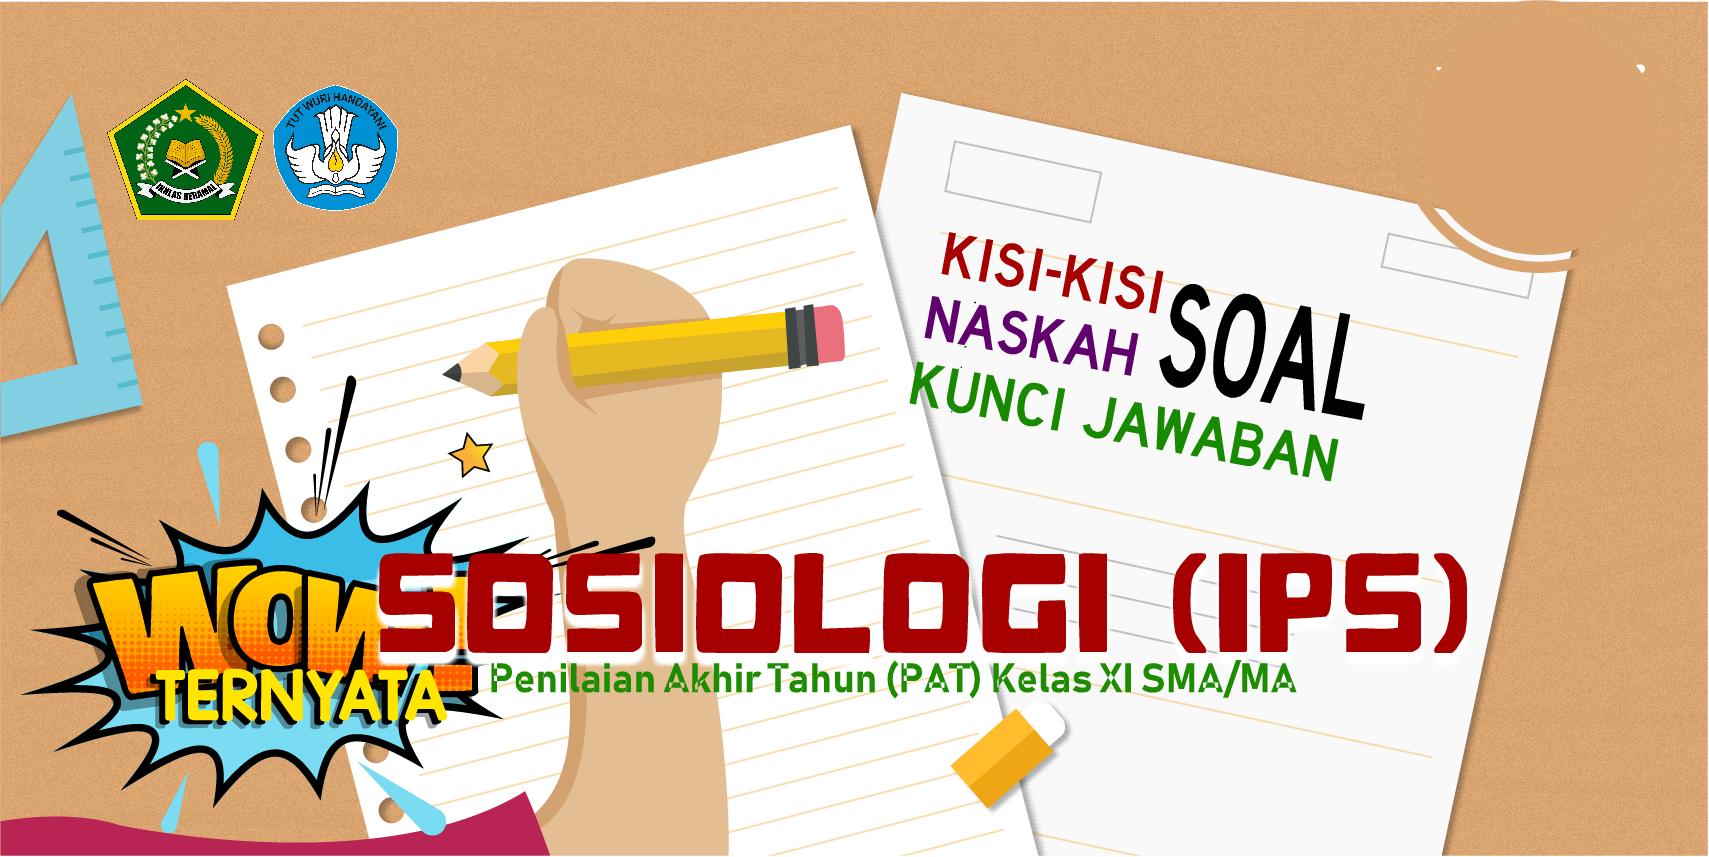 Kisi-Kisi, Naskah Soal dan Kunci PAT Sosiologi Kelas XI (IPS) SMA/MA Kurikulum 2013